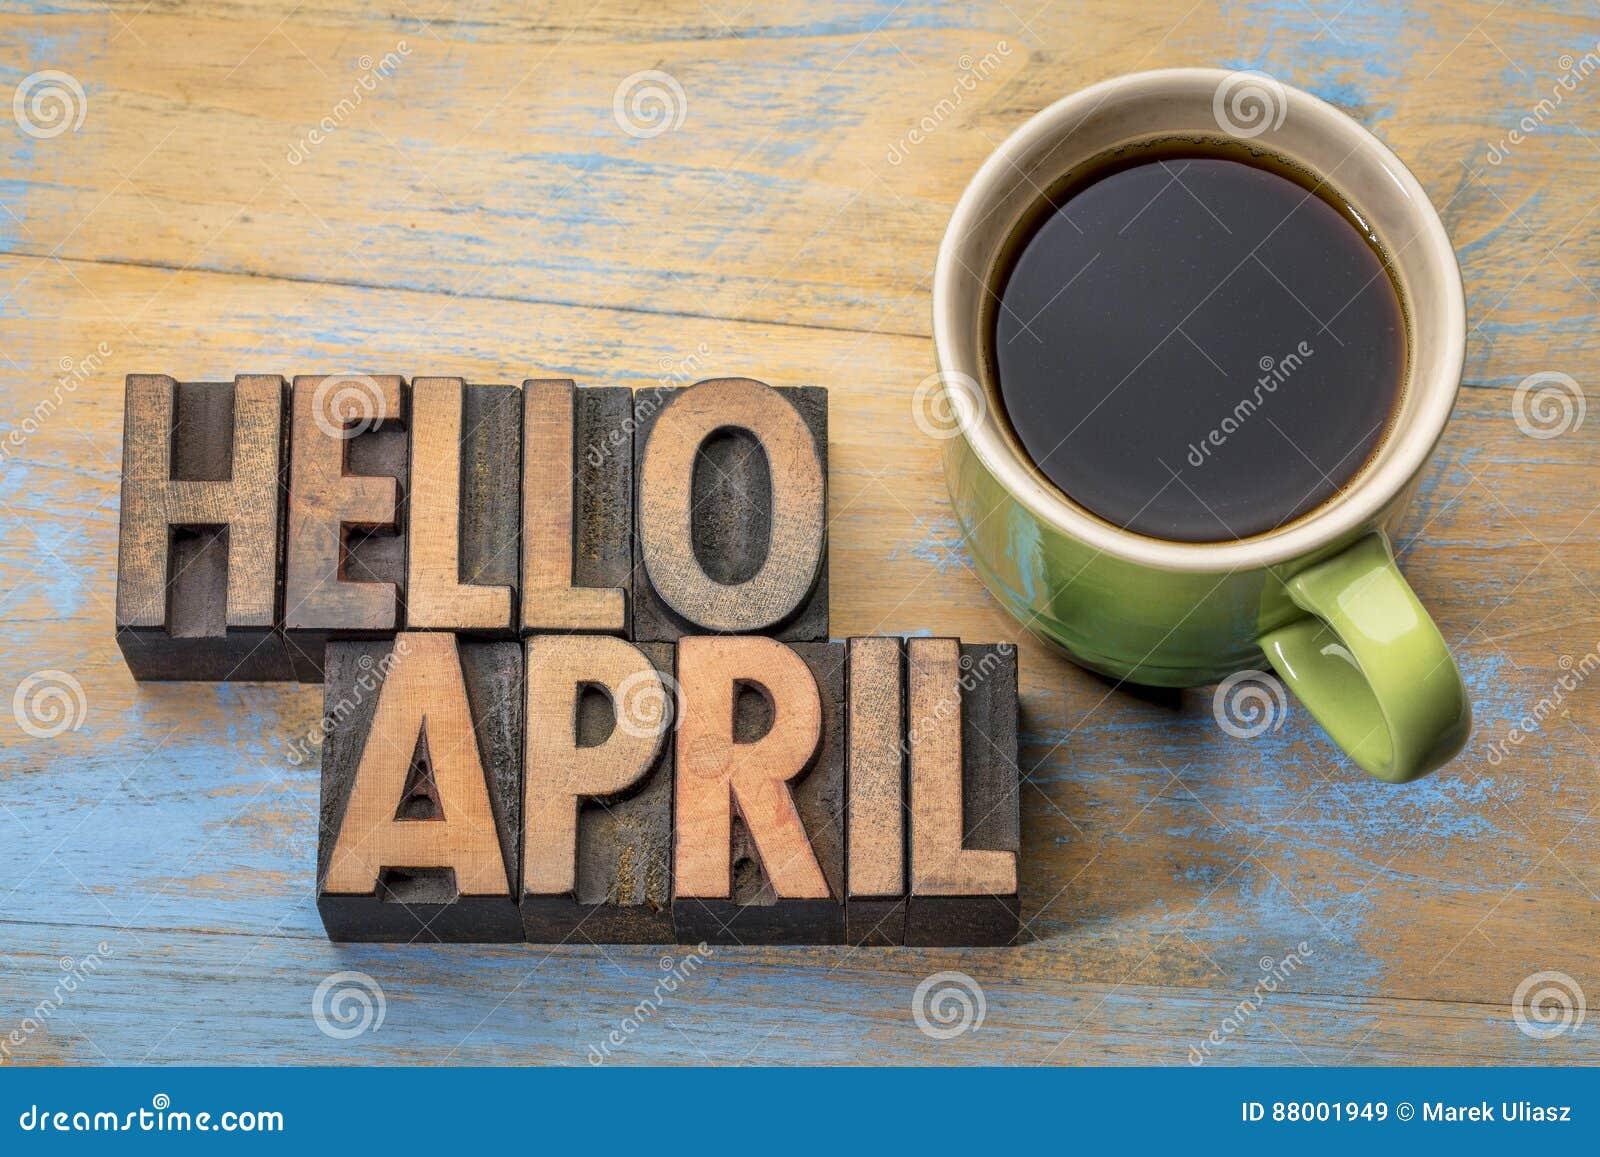 Het woordsamenvatting van Hello April in houten type